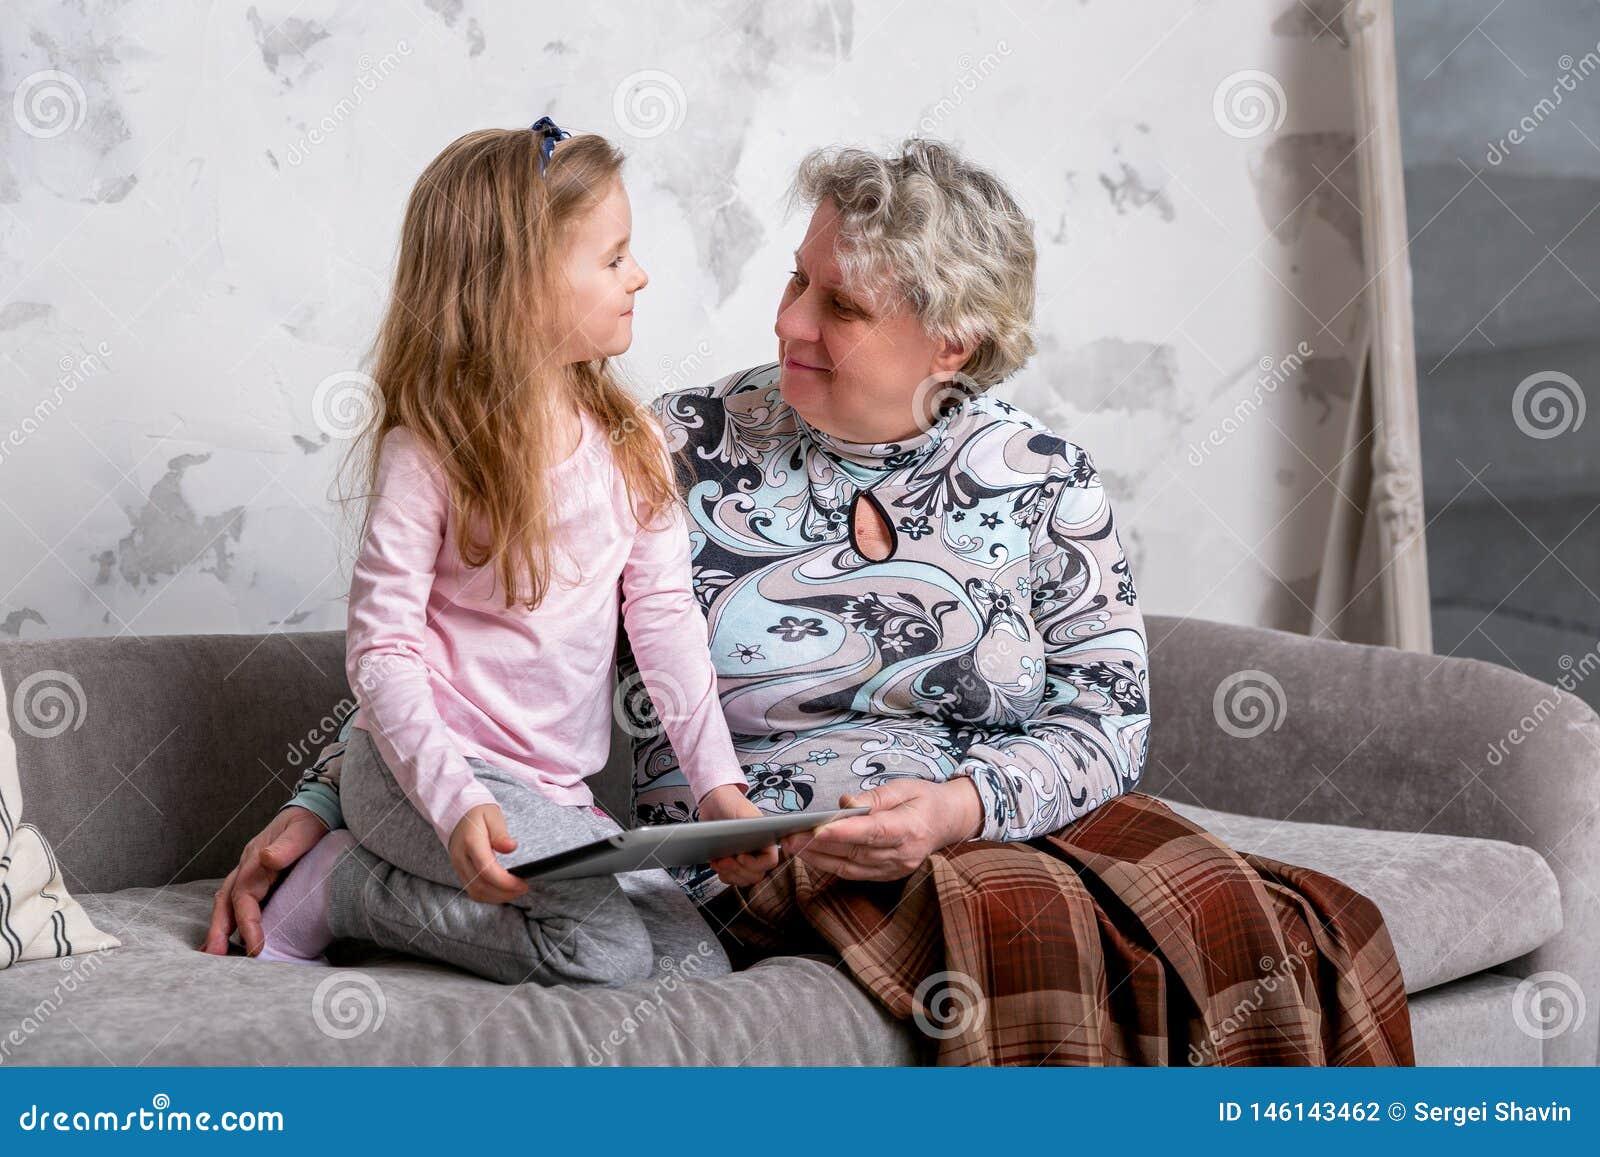 La nonna e la sua piccola nipote stanno guardando insieme i film e stanno giocando sul dispositivo mentre si sedevano sul sof?